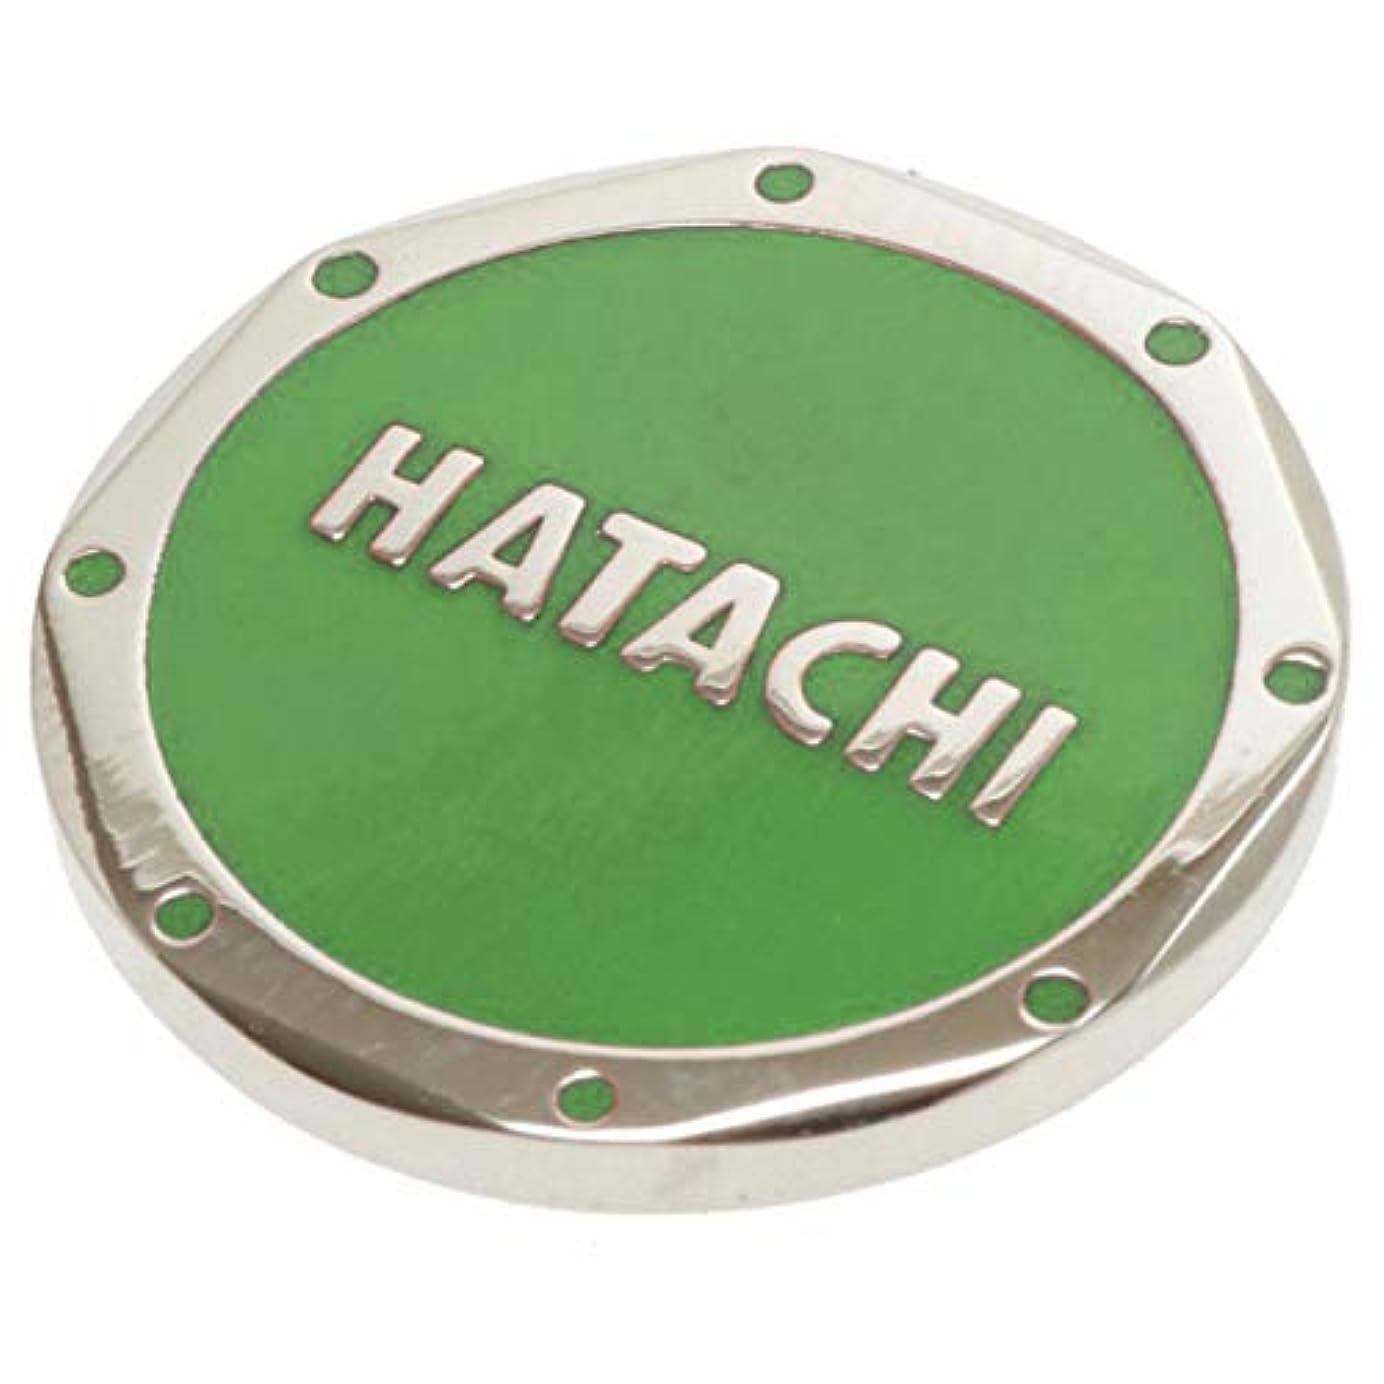 拘束崇拝する矢じり羽立(HATACHI) 両面マーカー BH6081 35 グリーン